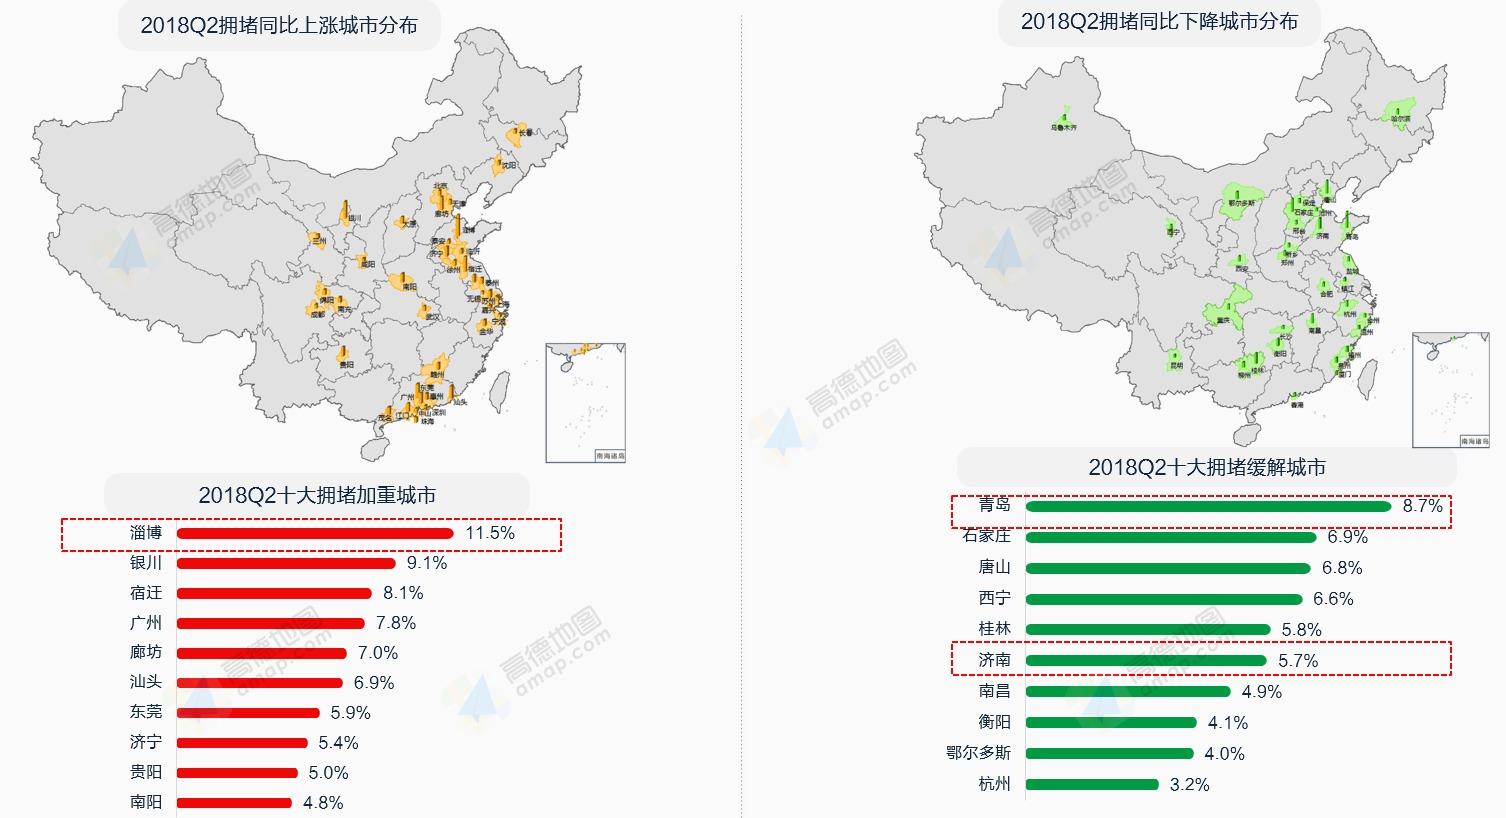 北京,哈尔滨,济南,银川,咸阳分列各规模城市拥堵排名榜首